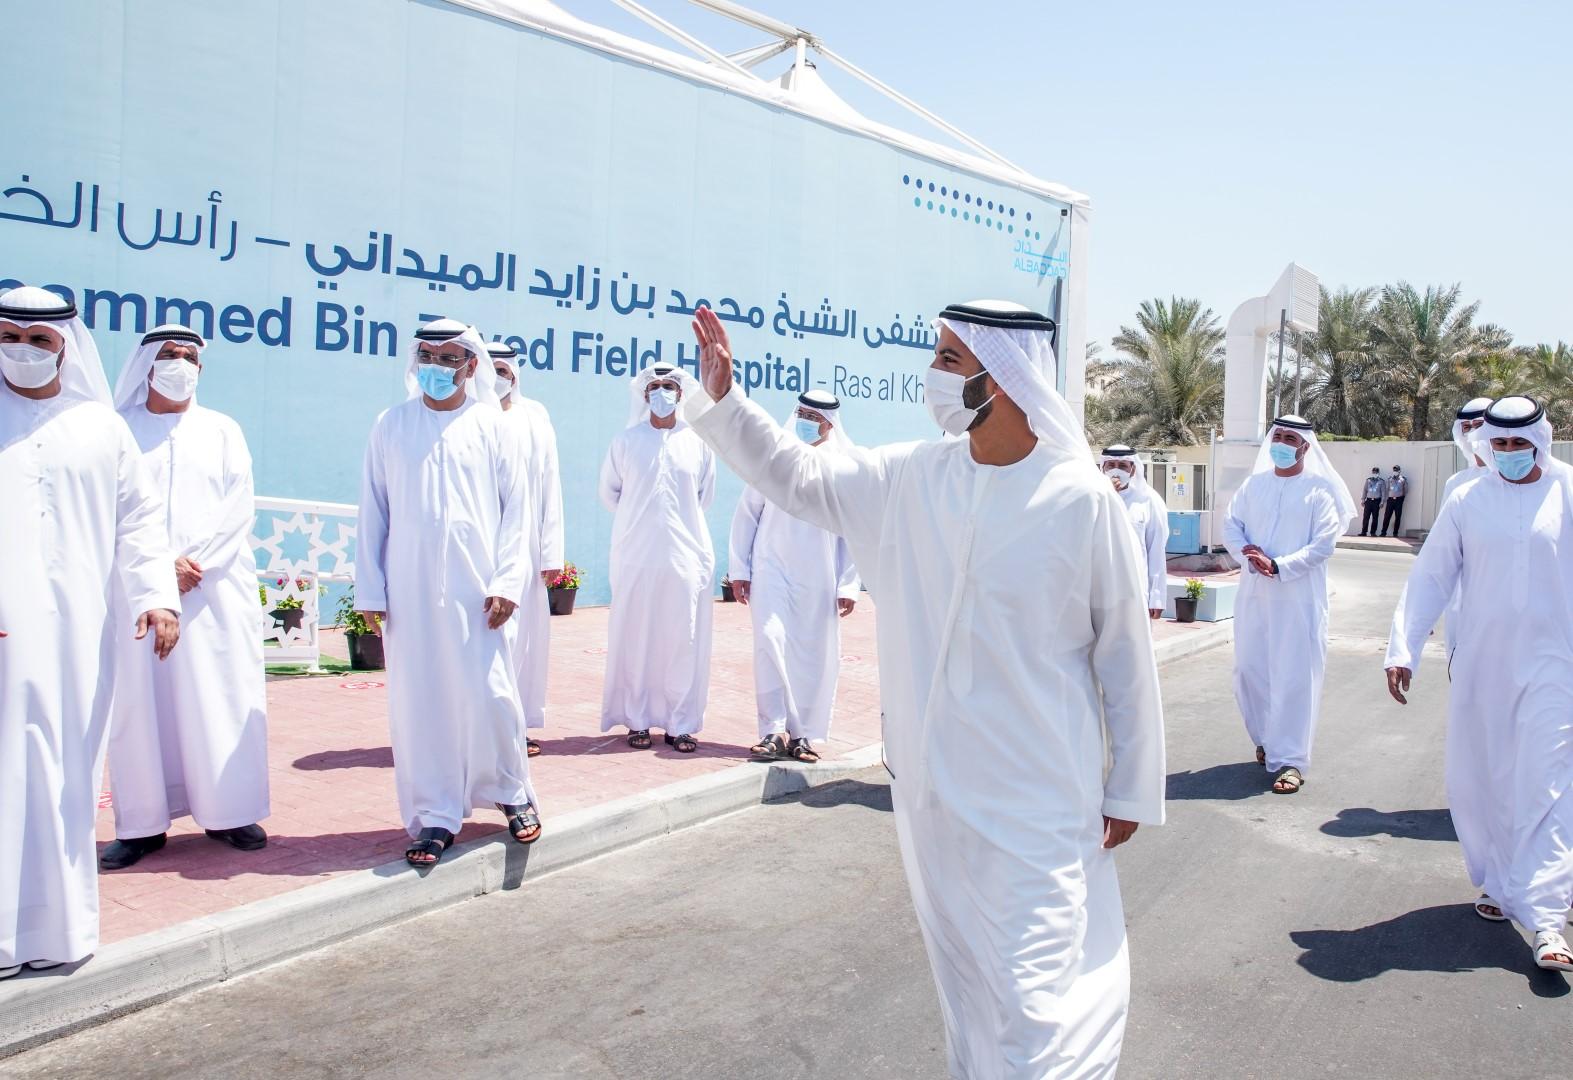 محمد بن سعود القاسمي: مستشفى محمد بن زايد الميداني برأس الخيمة إضافة نوعية تعزز قدرات القطاع الطبي